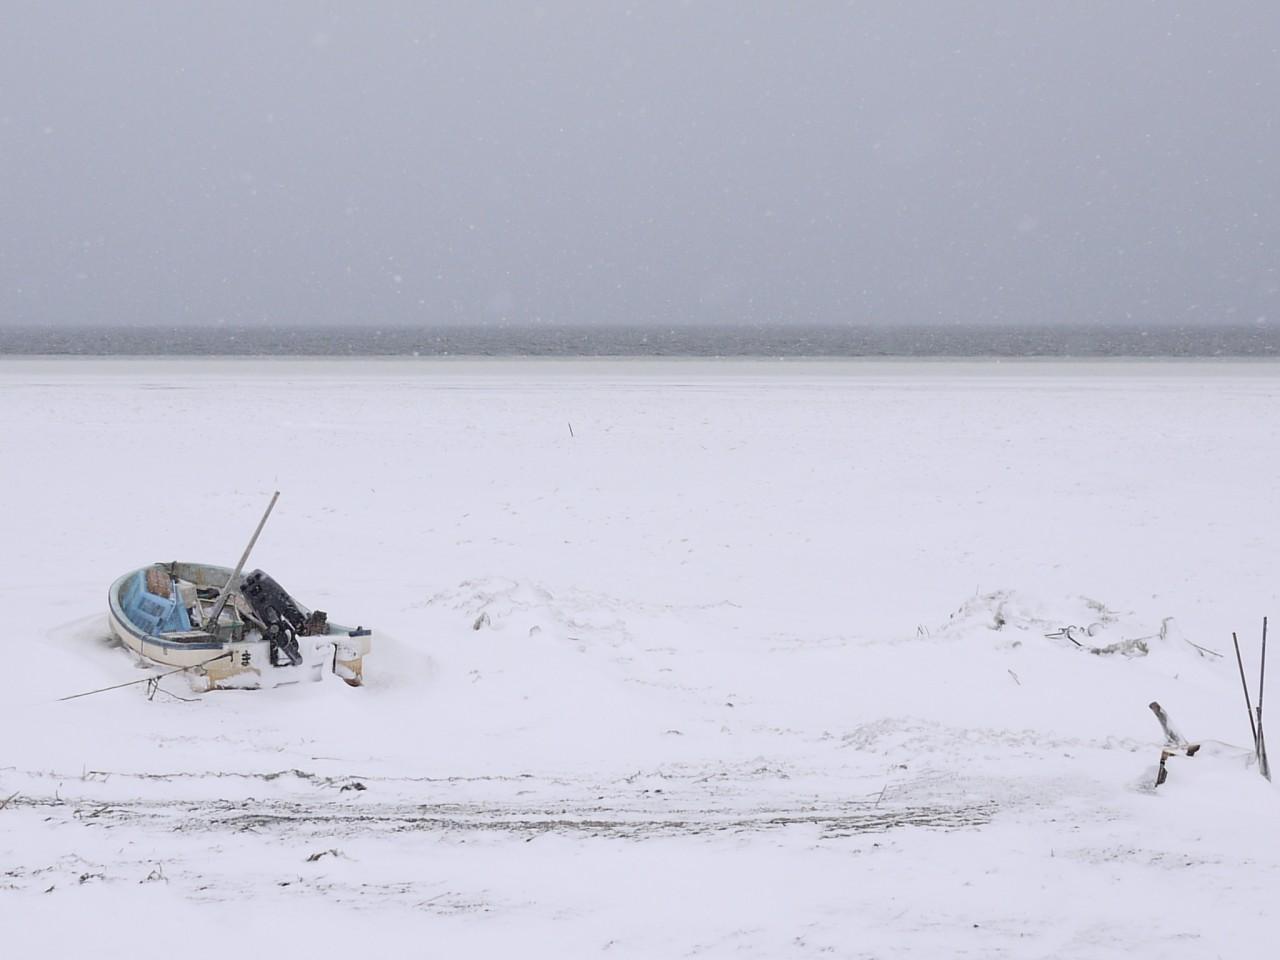 青森 三八 三沢市 風景 冬 雪 氷 船 小川原湖 ワカサギ釣り